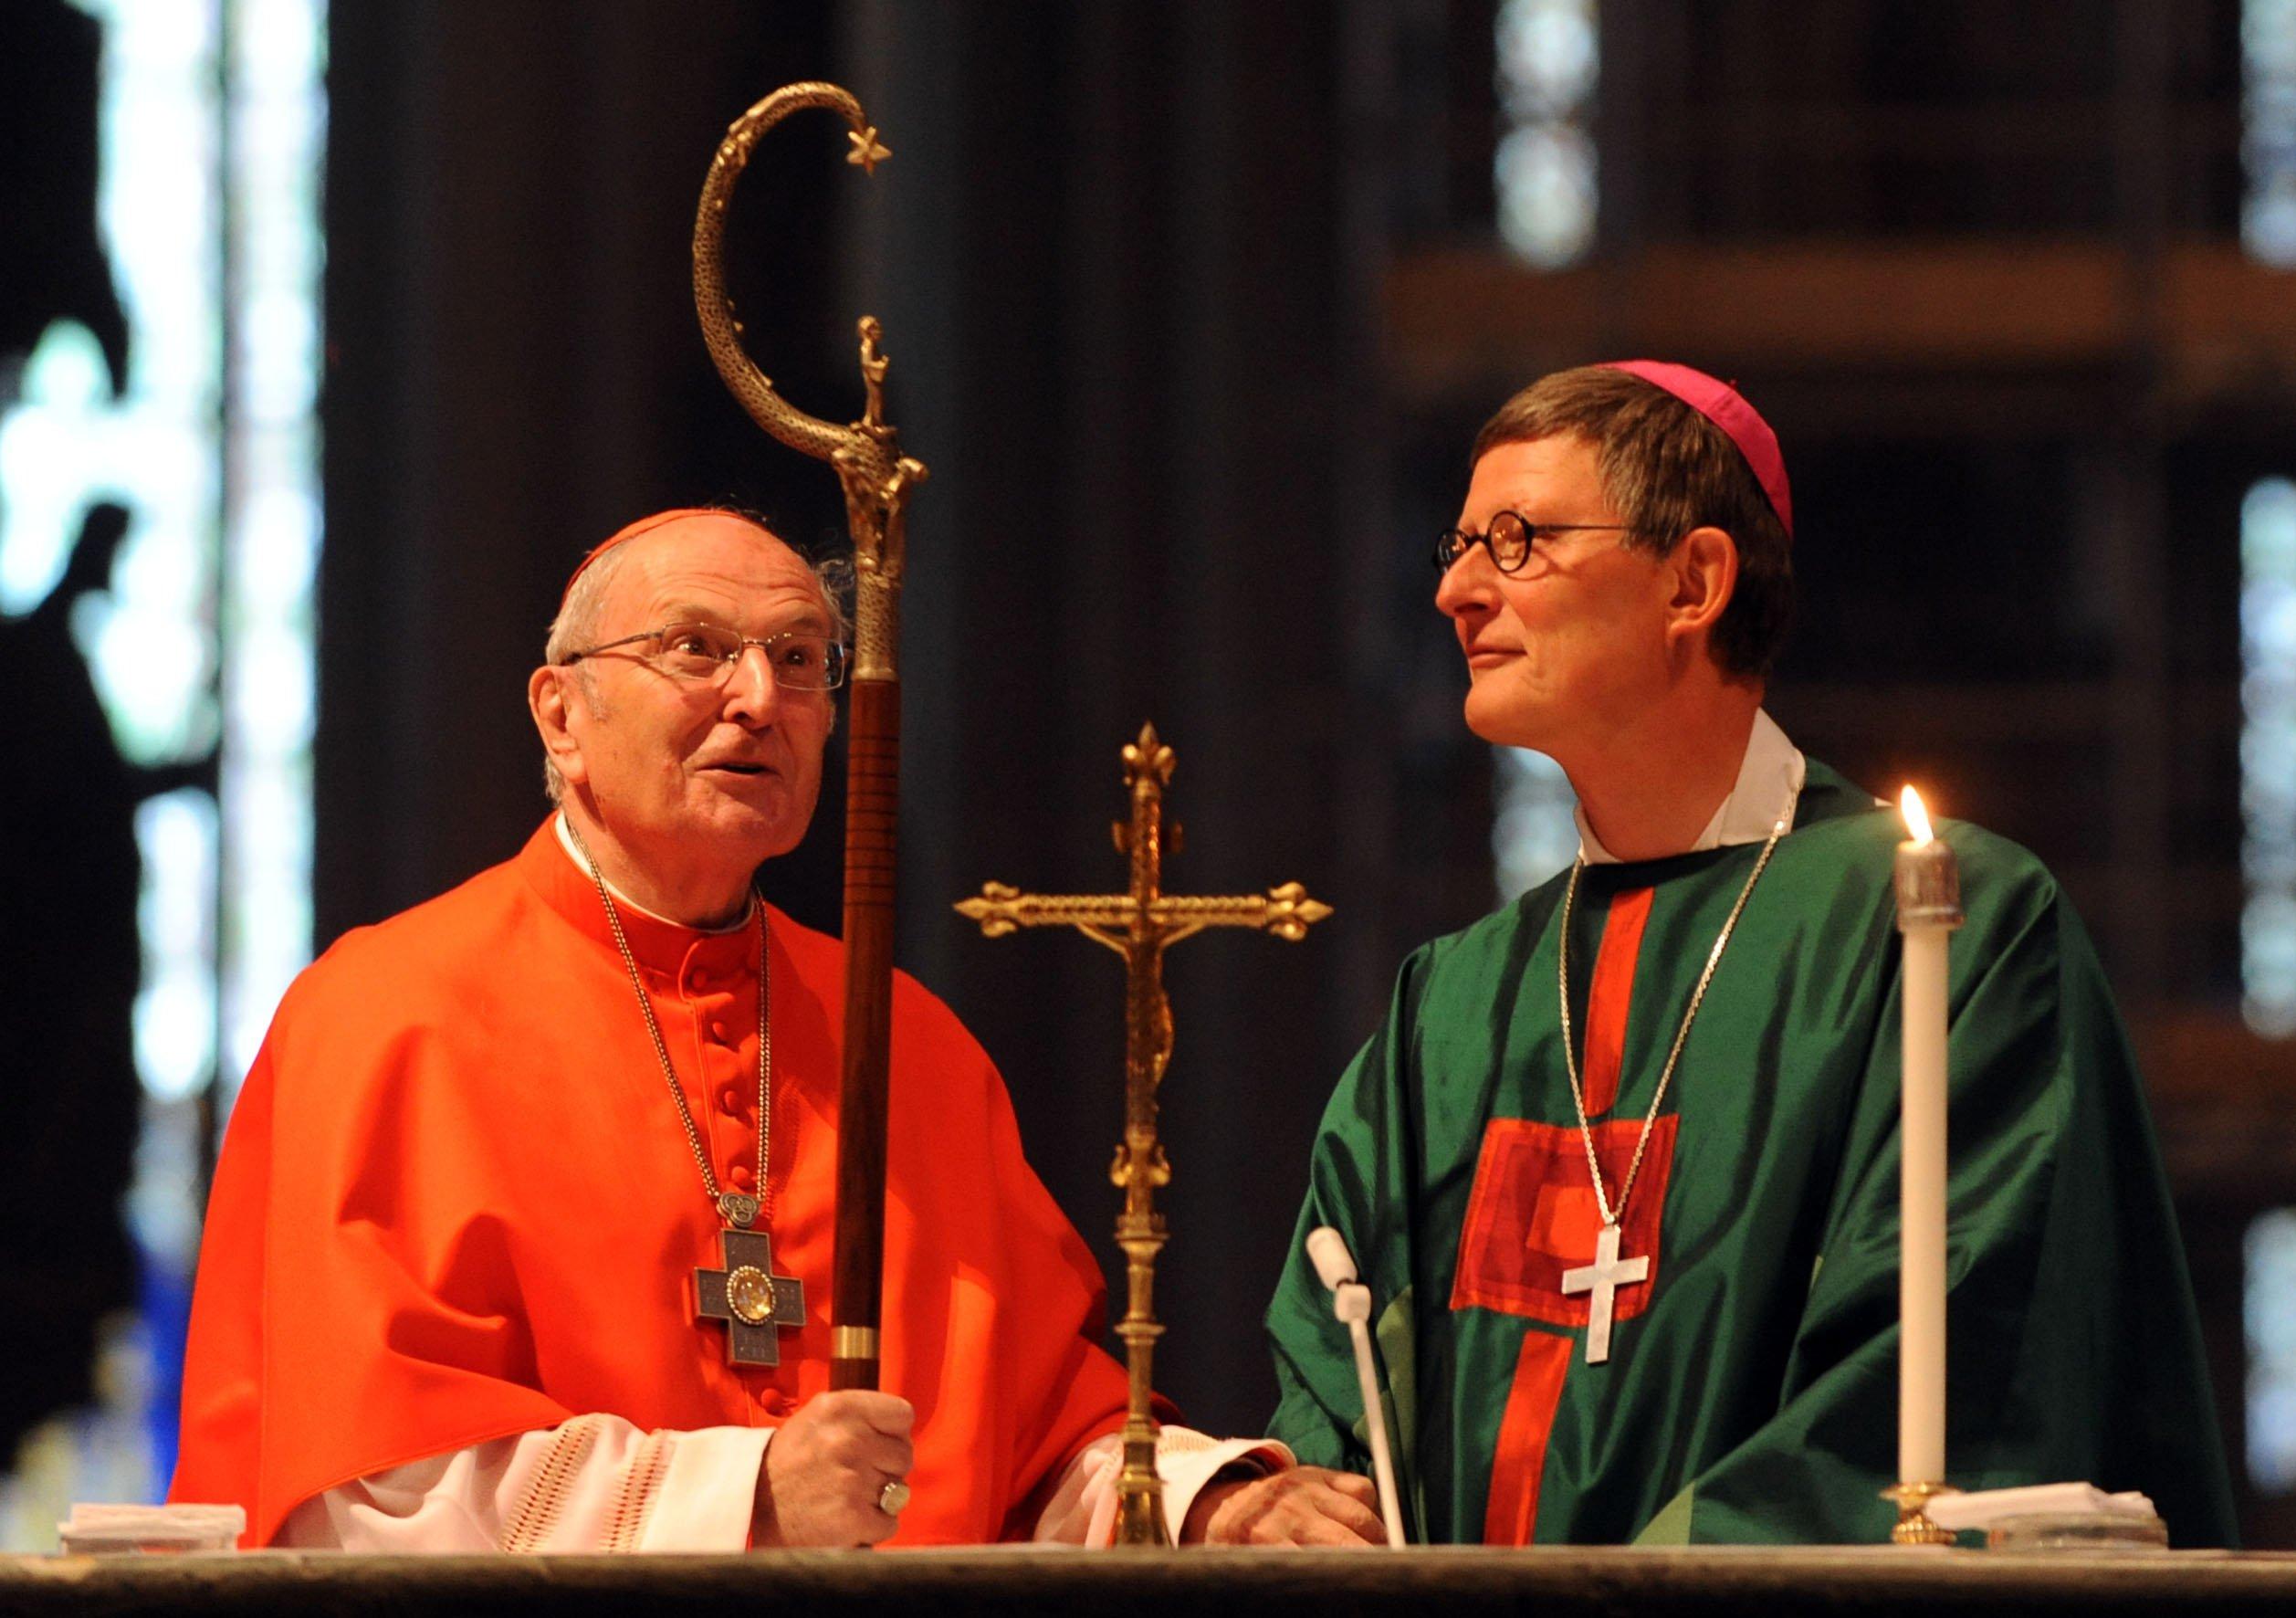 Anrede Erzbischof